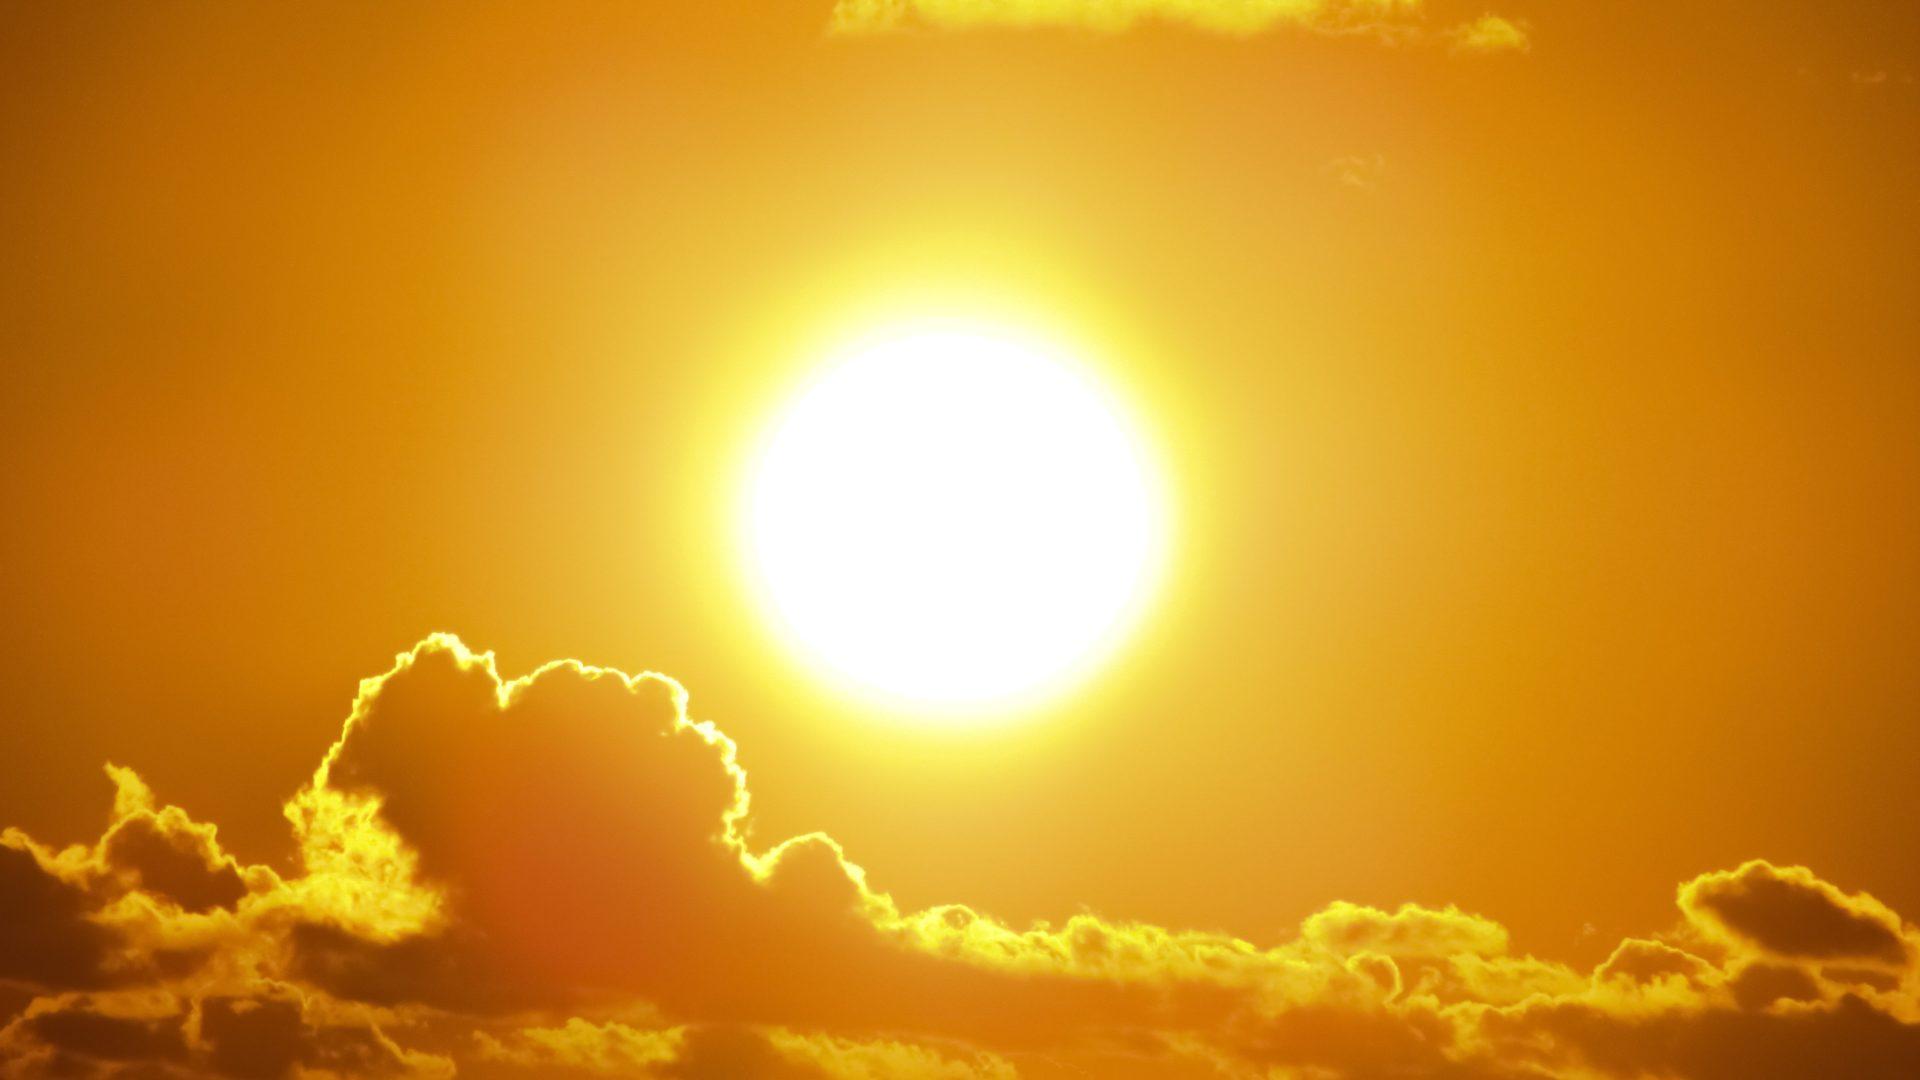 Радиоастроном Ганн объяснил зеленый солнечный цвет действием электромагнитных волн